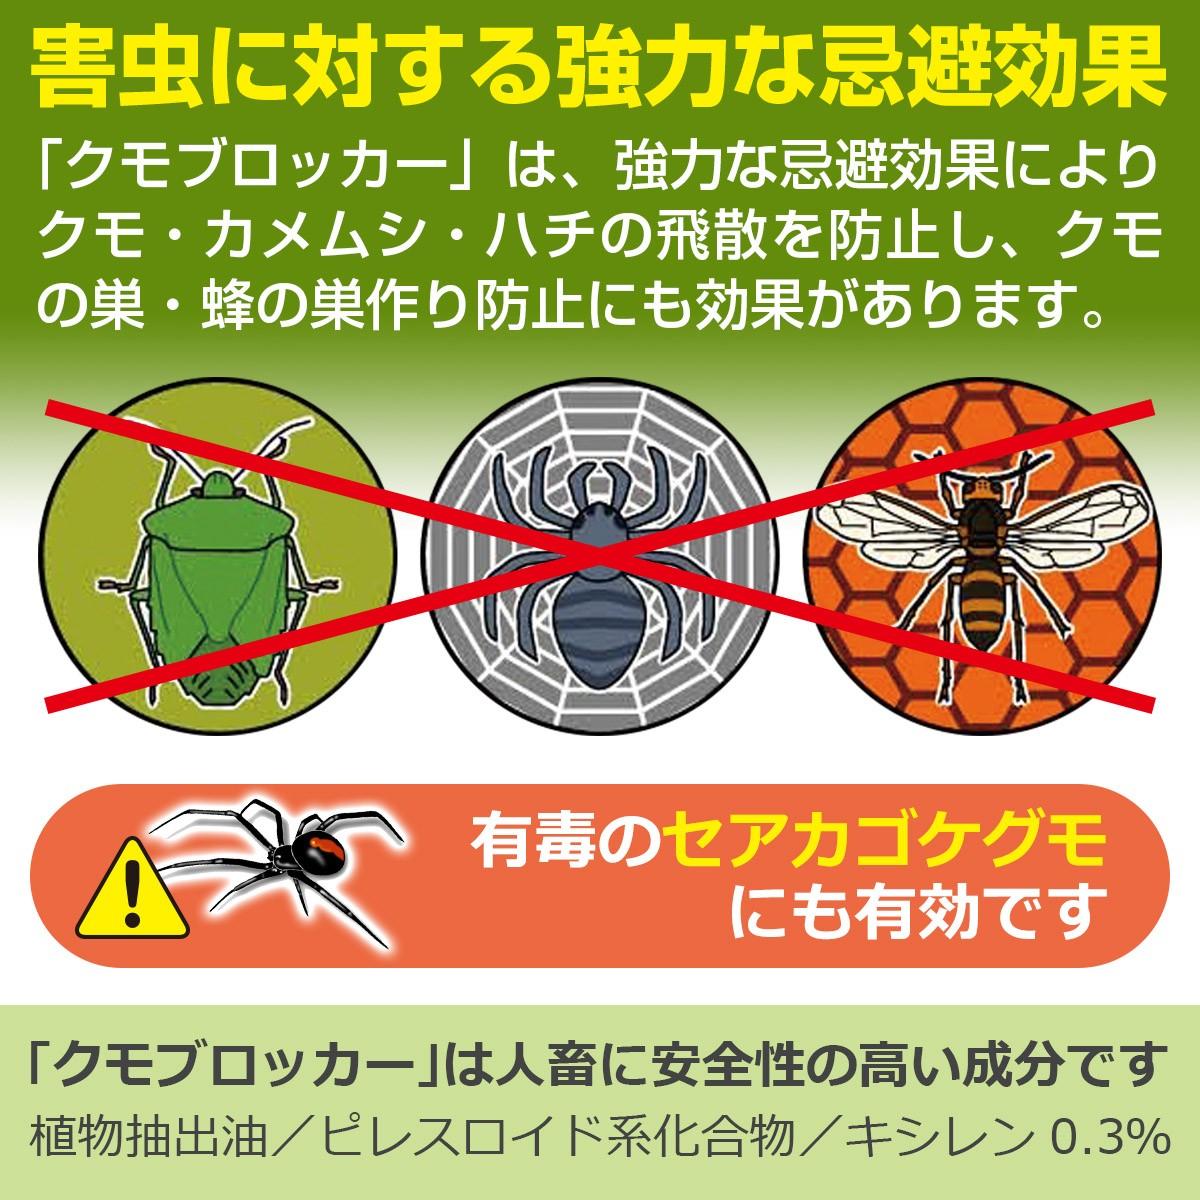 害虫に対する強力な忌避効果 「クモブロッカー」は、強力な忌避効果によりクモ・カメムシ・ハチの飛散を防止し、クモの巣・蜂の巣作り防止にも効果があります。有毒のセアカゴケグモにも有効です 「クモブロッカー」は人畜に安全性の高い成分です 植物抽出油/ピレスロイド系化合物/キシレン0.3%